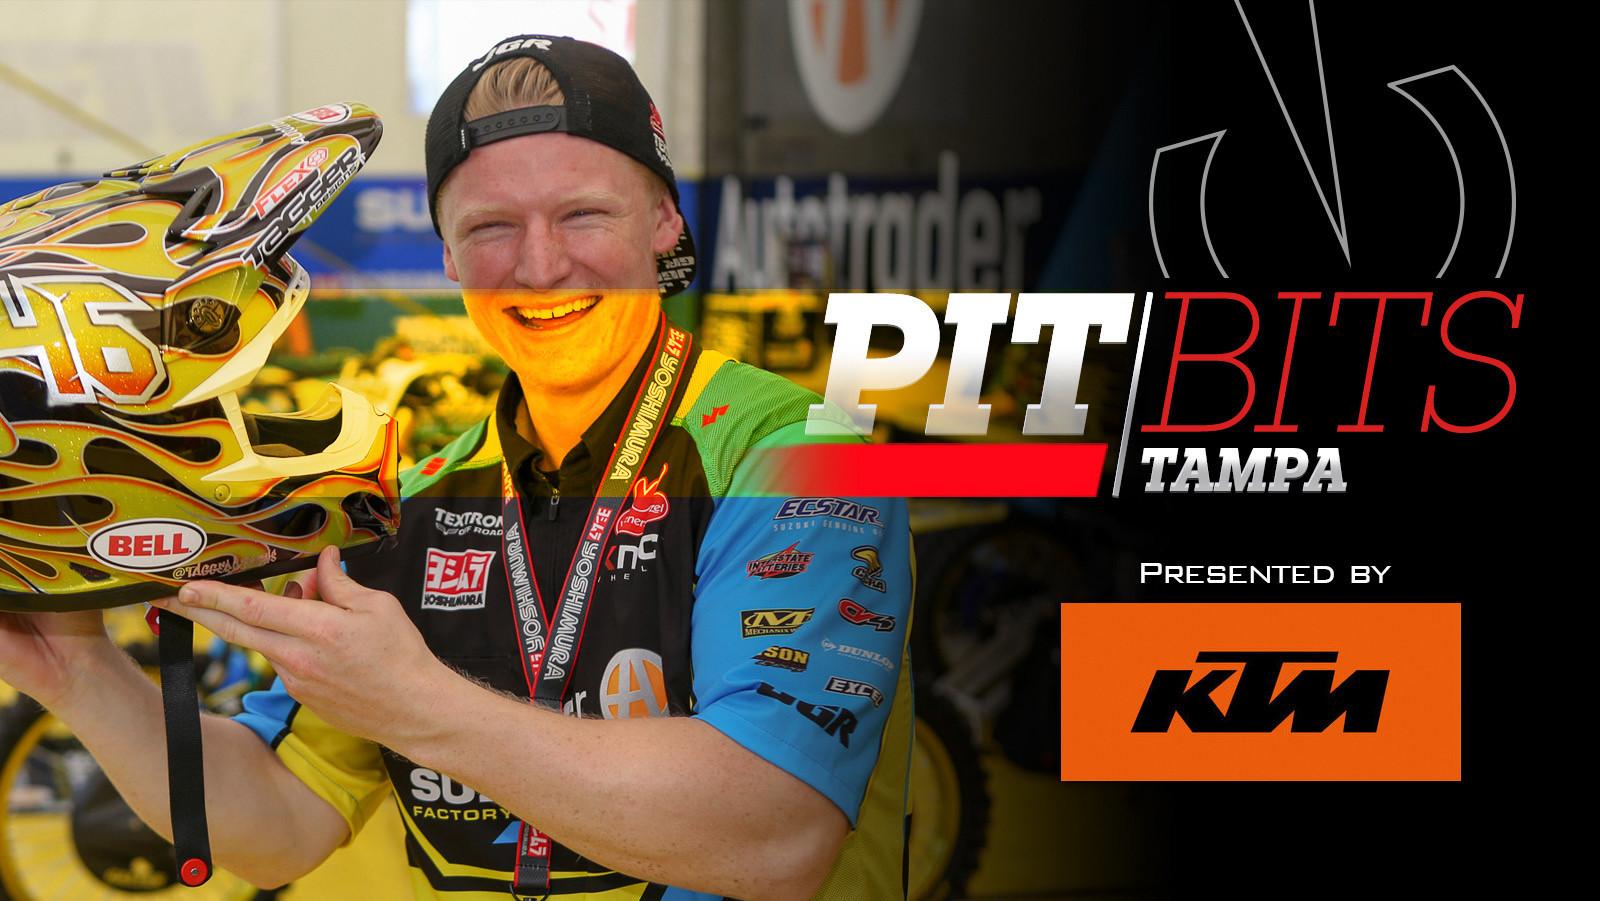 Vital MX Pit Bits: Tampa Supercross